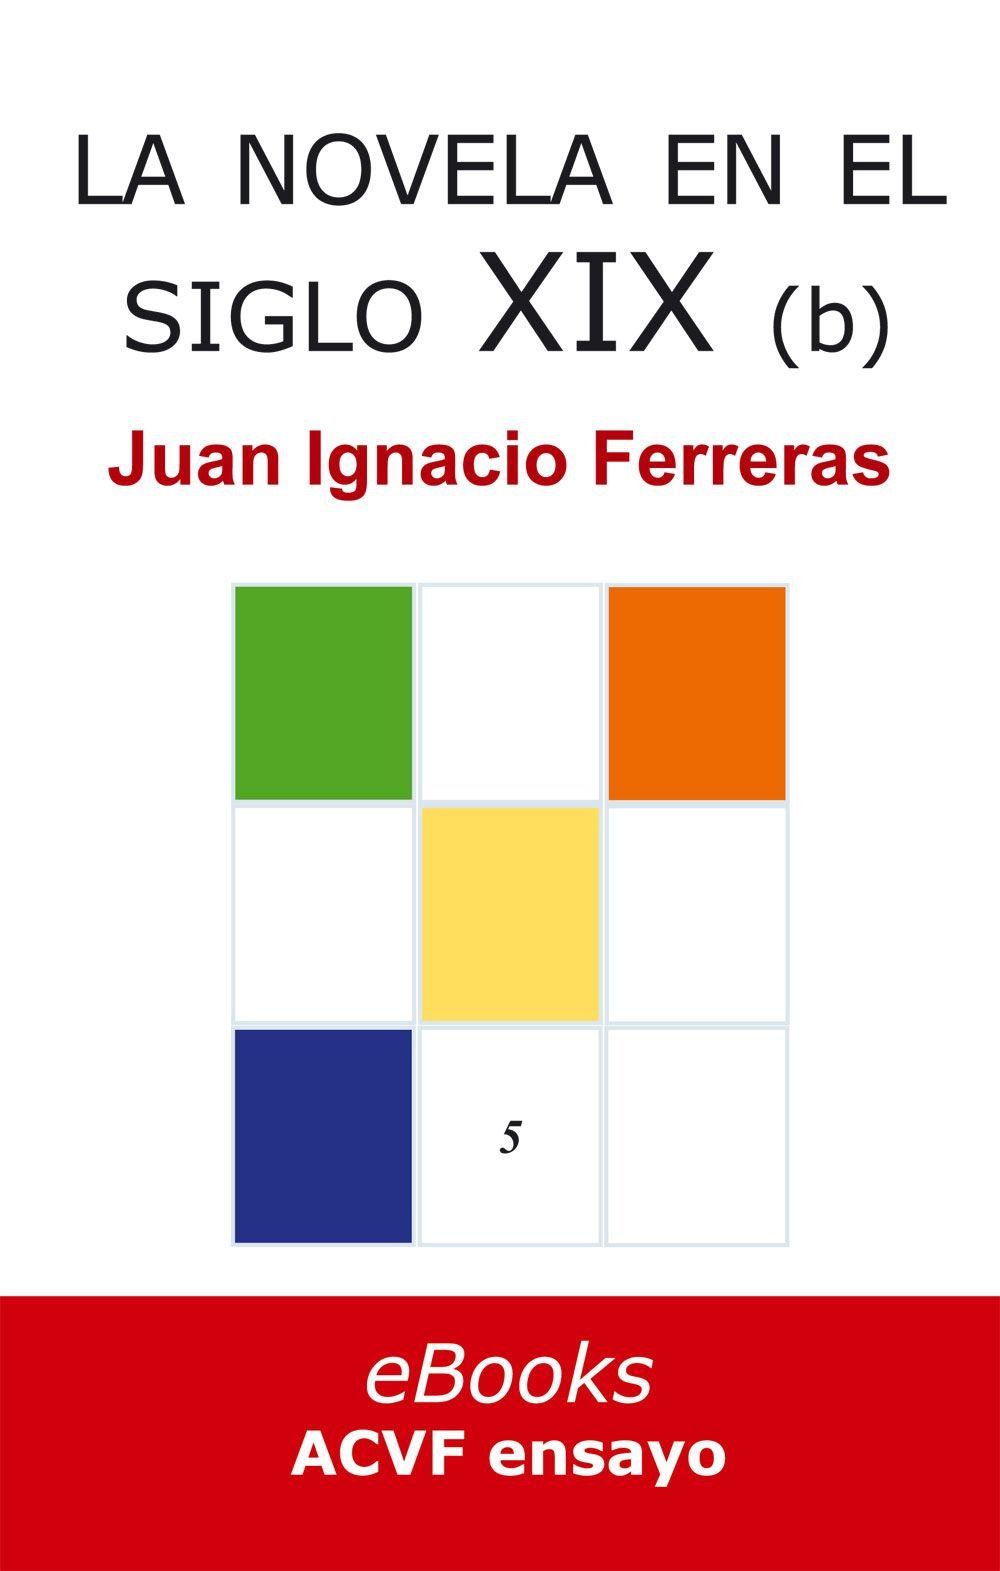 La novela en el siglo XIX (desde 1868), de Juan Ignacio Ferreras (epub)